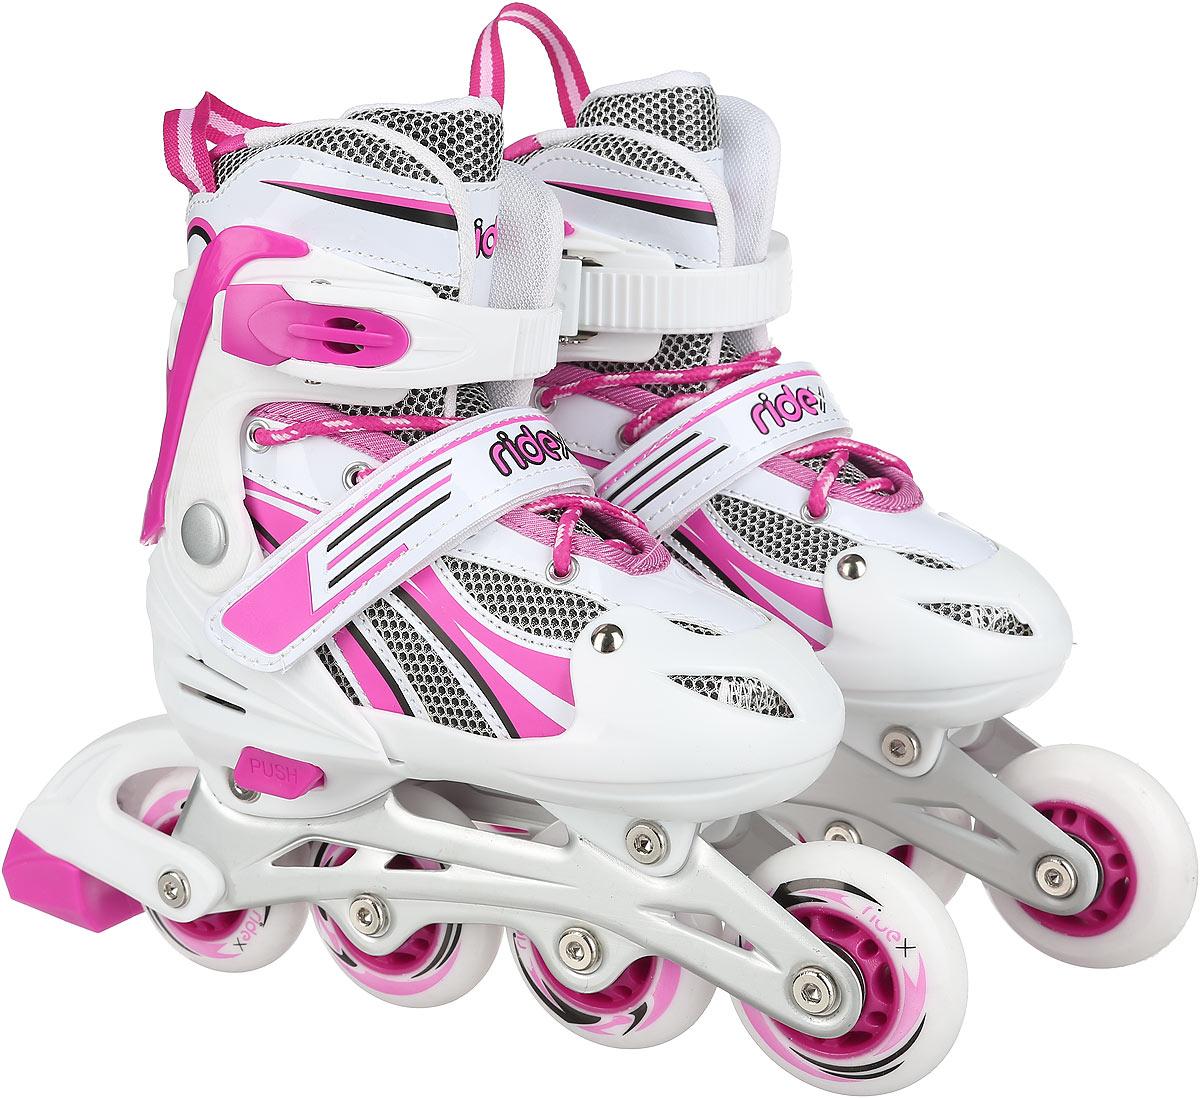 Коньки роликовые Ridex Sindy, раздвижные, цвет: белый, фуксия. УТ-00008106. Размер 38/41 - Ролики